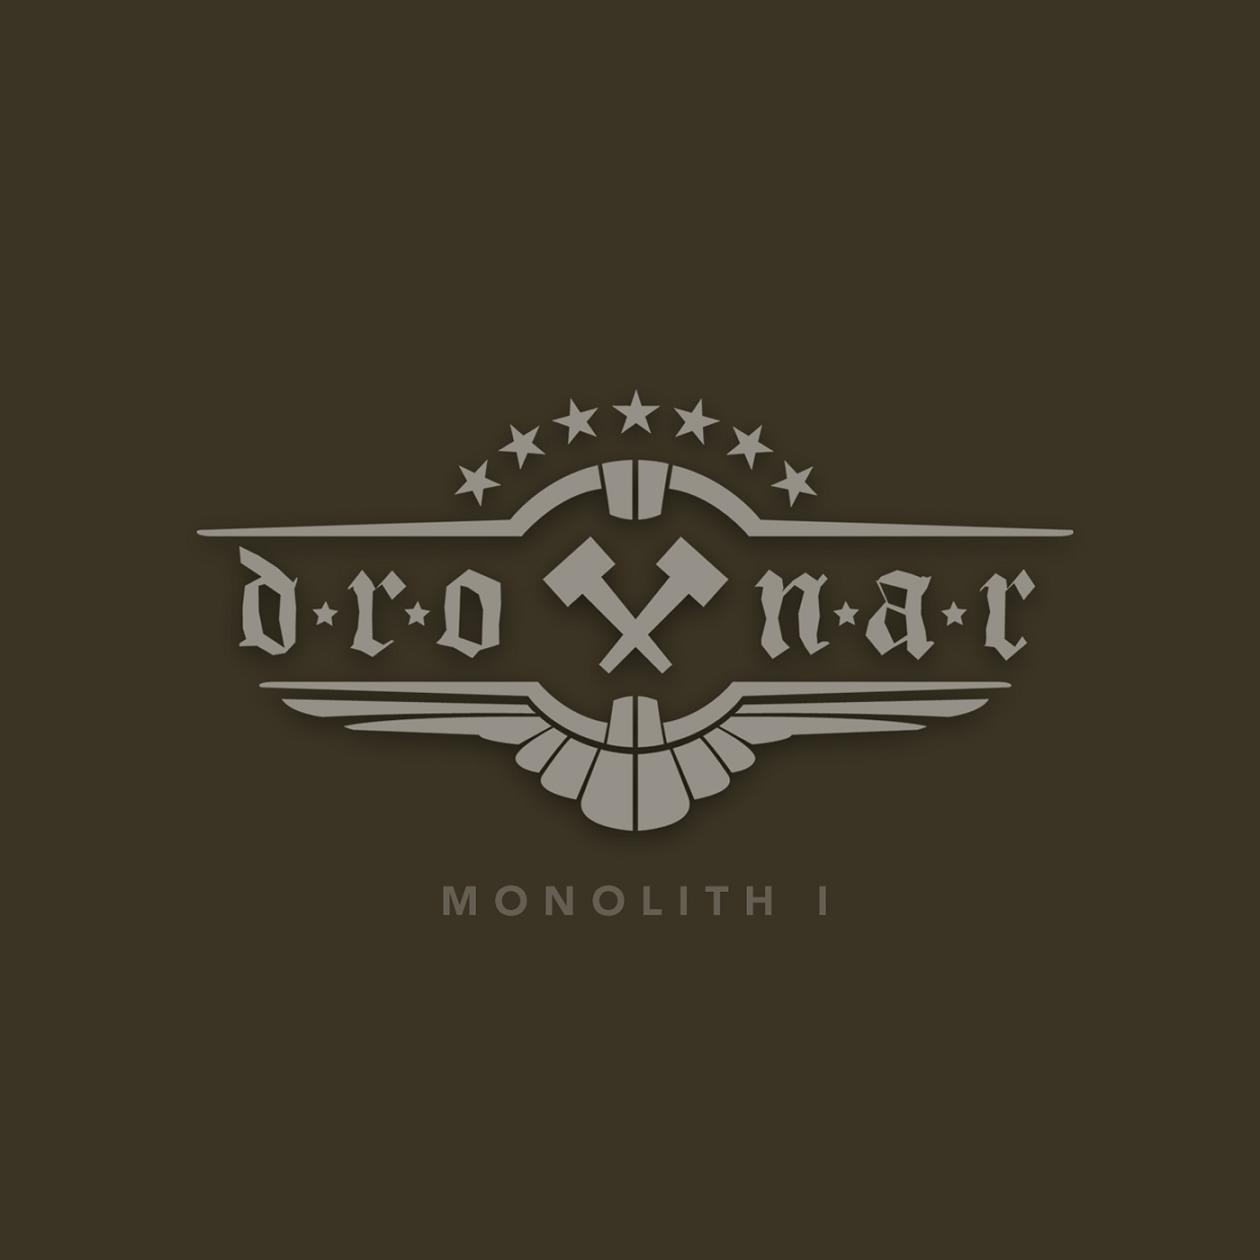 Drottnar - Monolith I